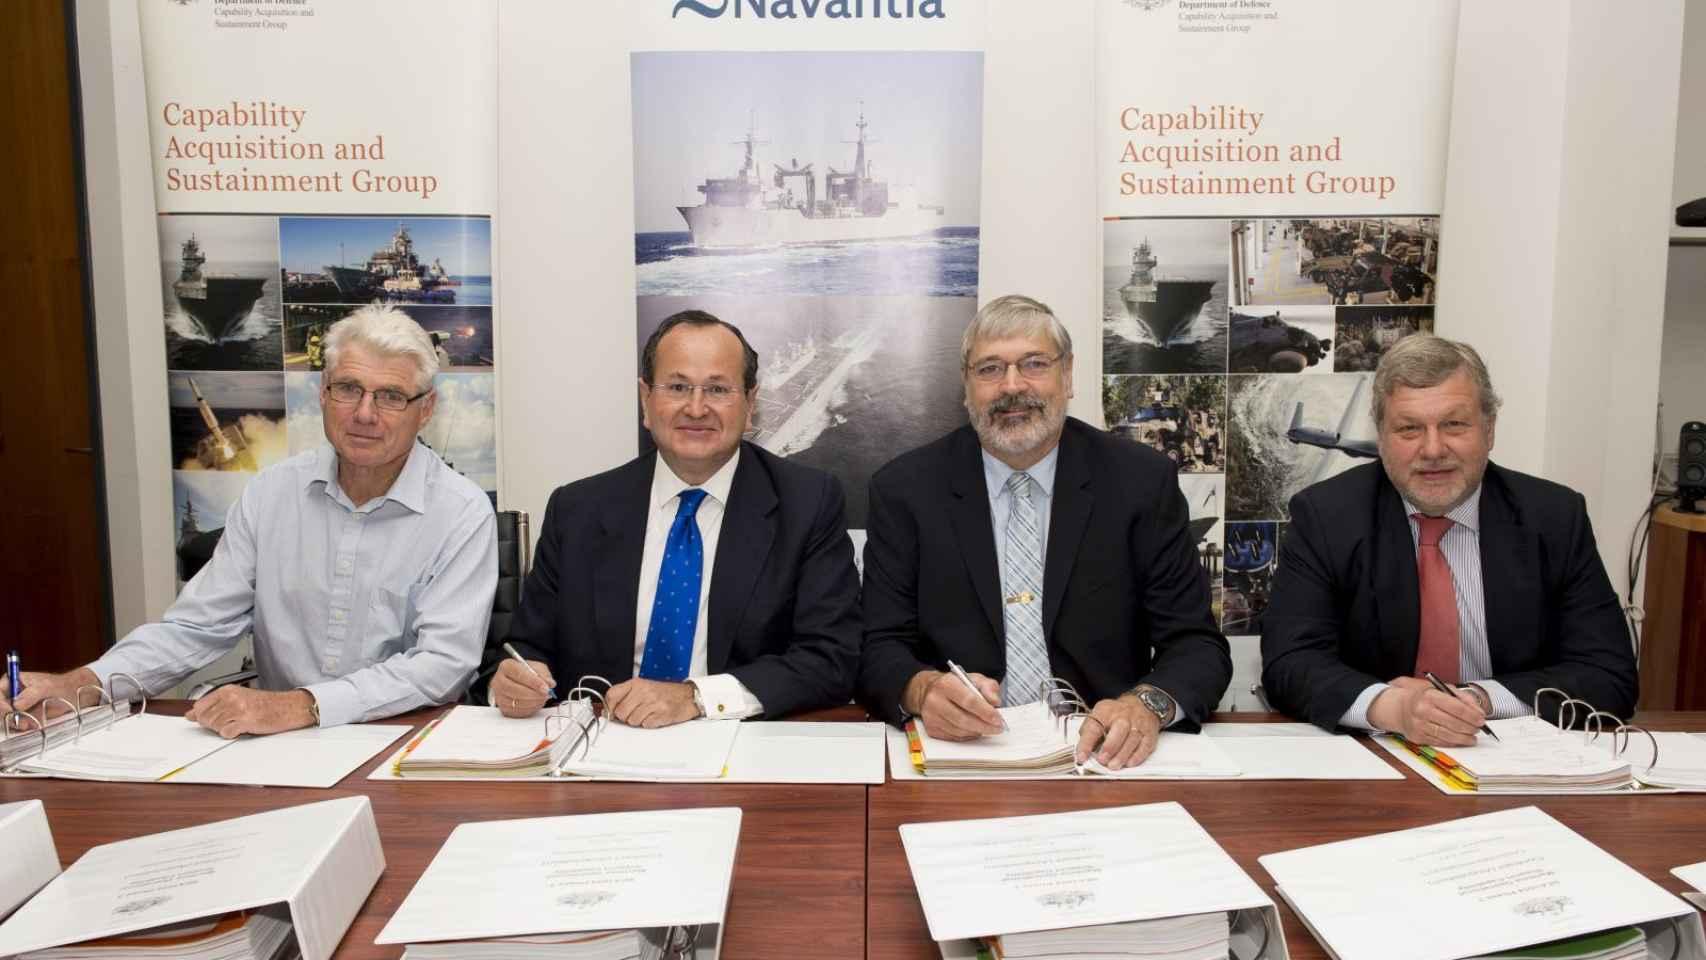 Firma del acuerdo entre representantes de Navantia y de la Defensa australiana.